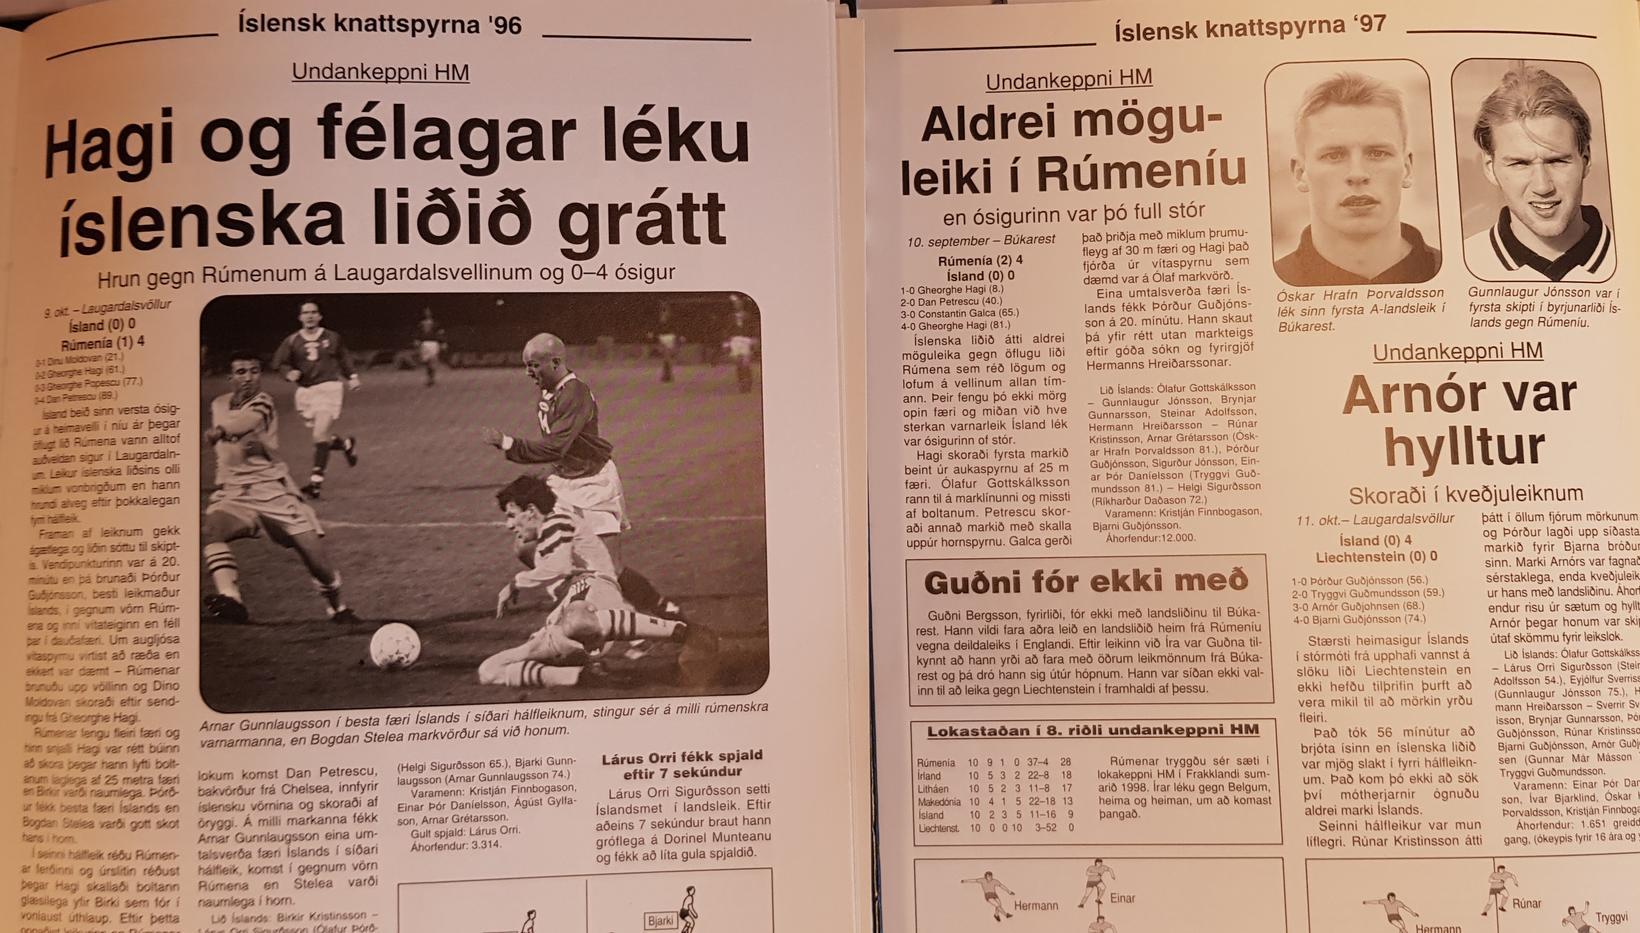 Frásagnir af leikjunum tveimur gegn Rúmenum árin 1996 og 1997.